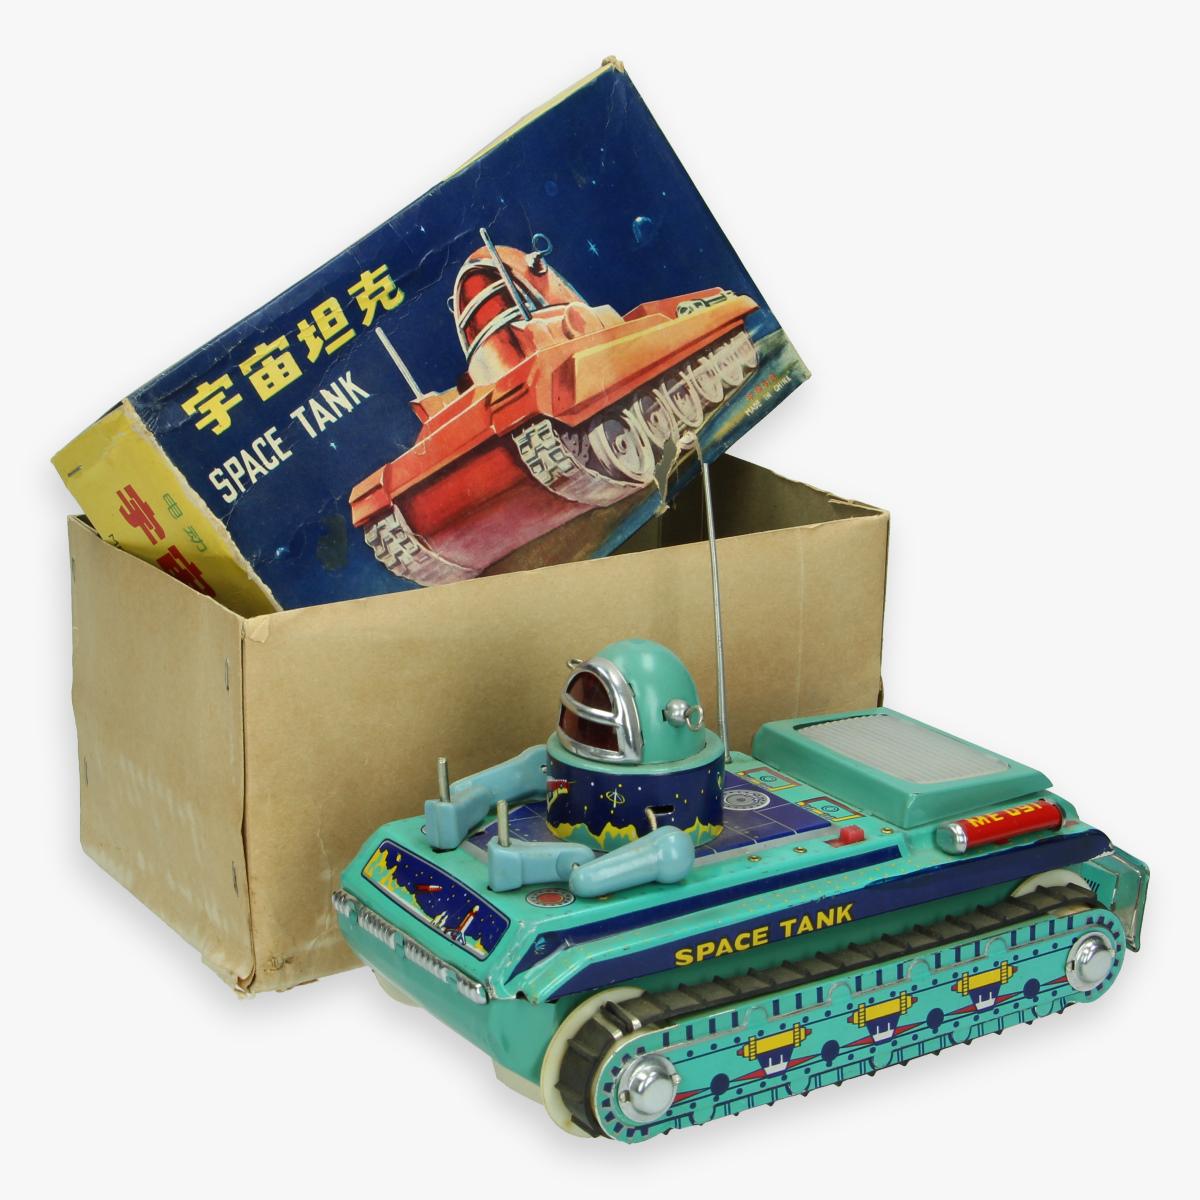 Afbeeldingen van rare red china tin toy jaren 60 me - 091 space tank in box